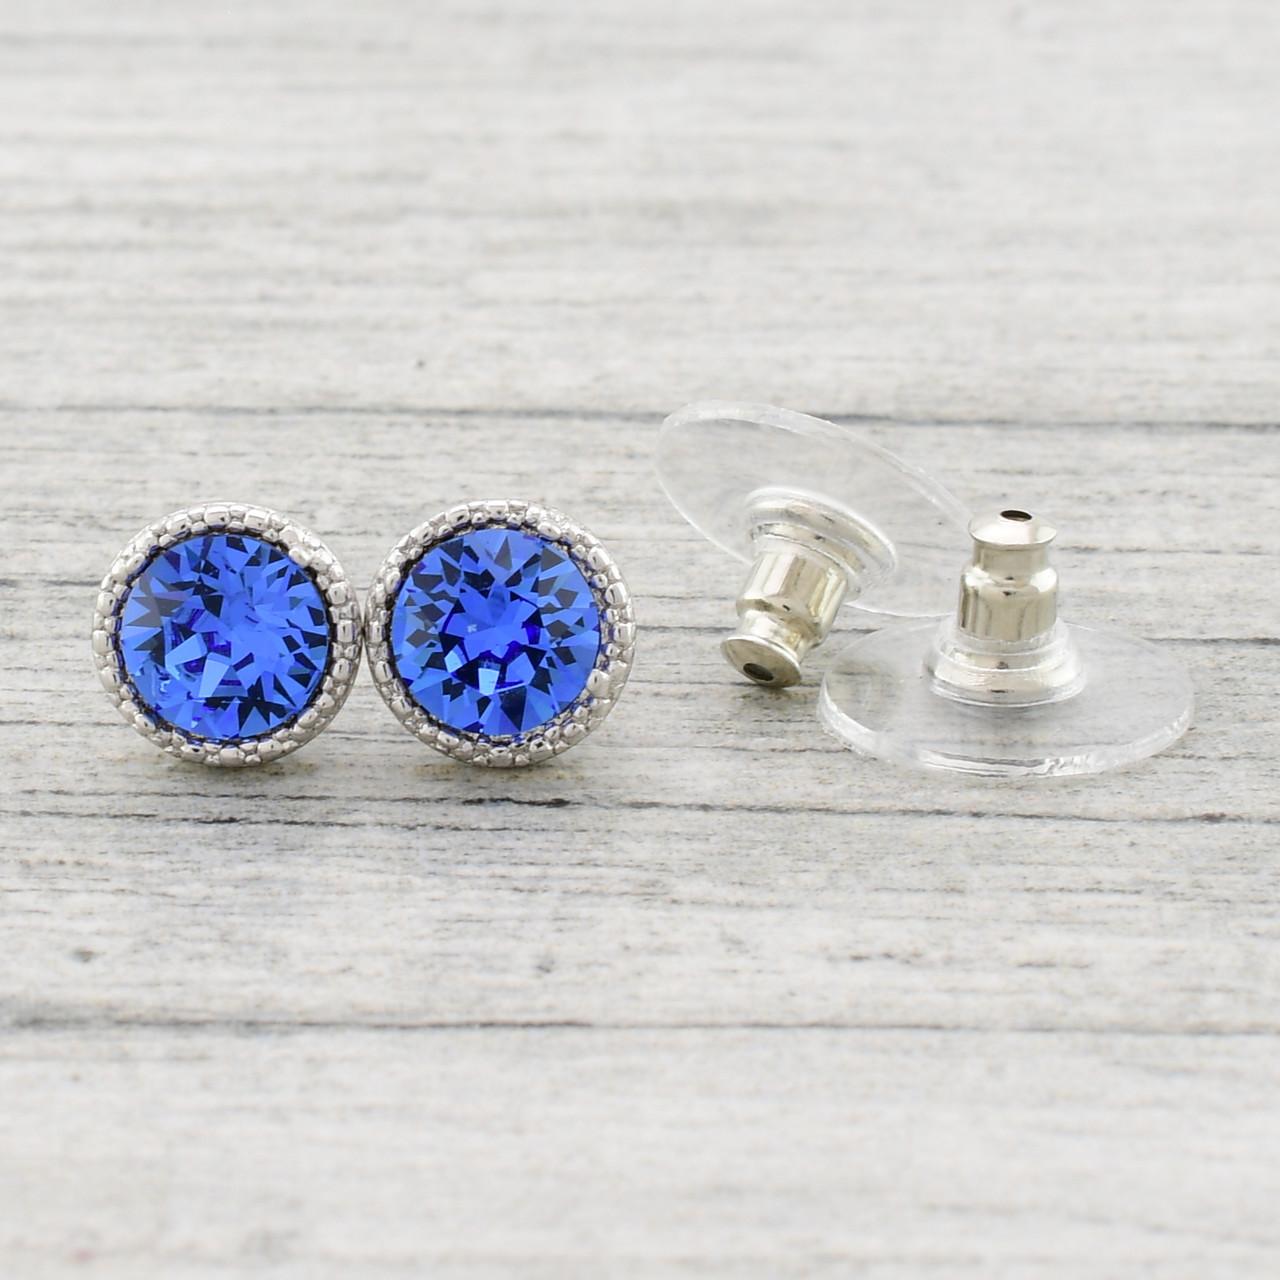 Серьги Xuping с кристаллами Swarovski 83031БЗ размер 8х8 мм цвет синий позолота Белое Золото